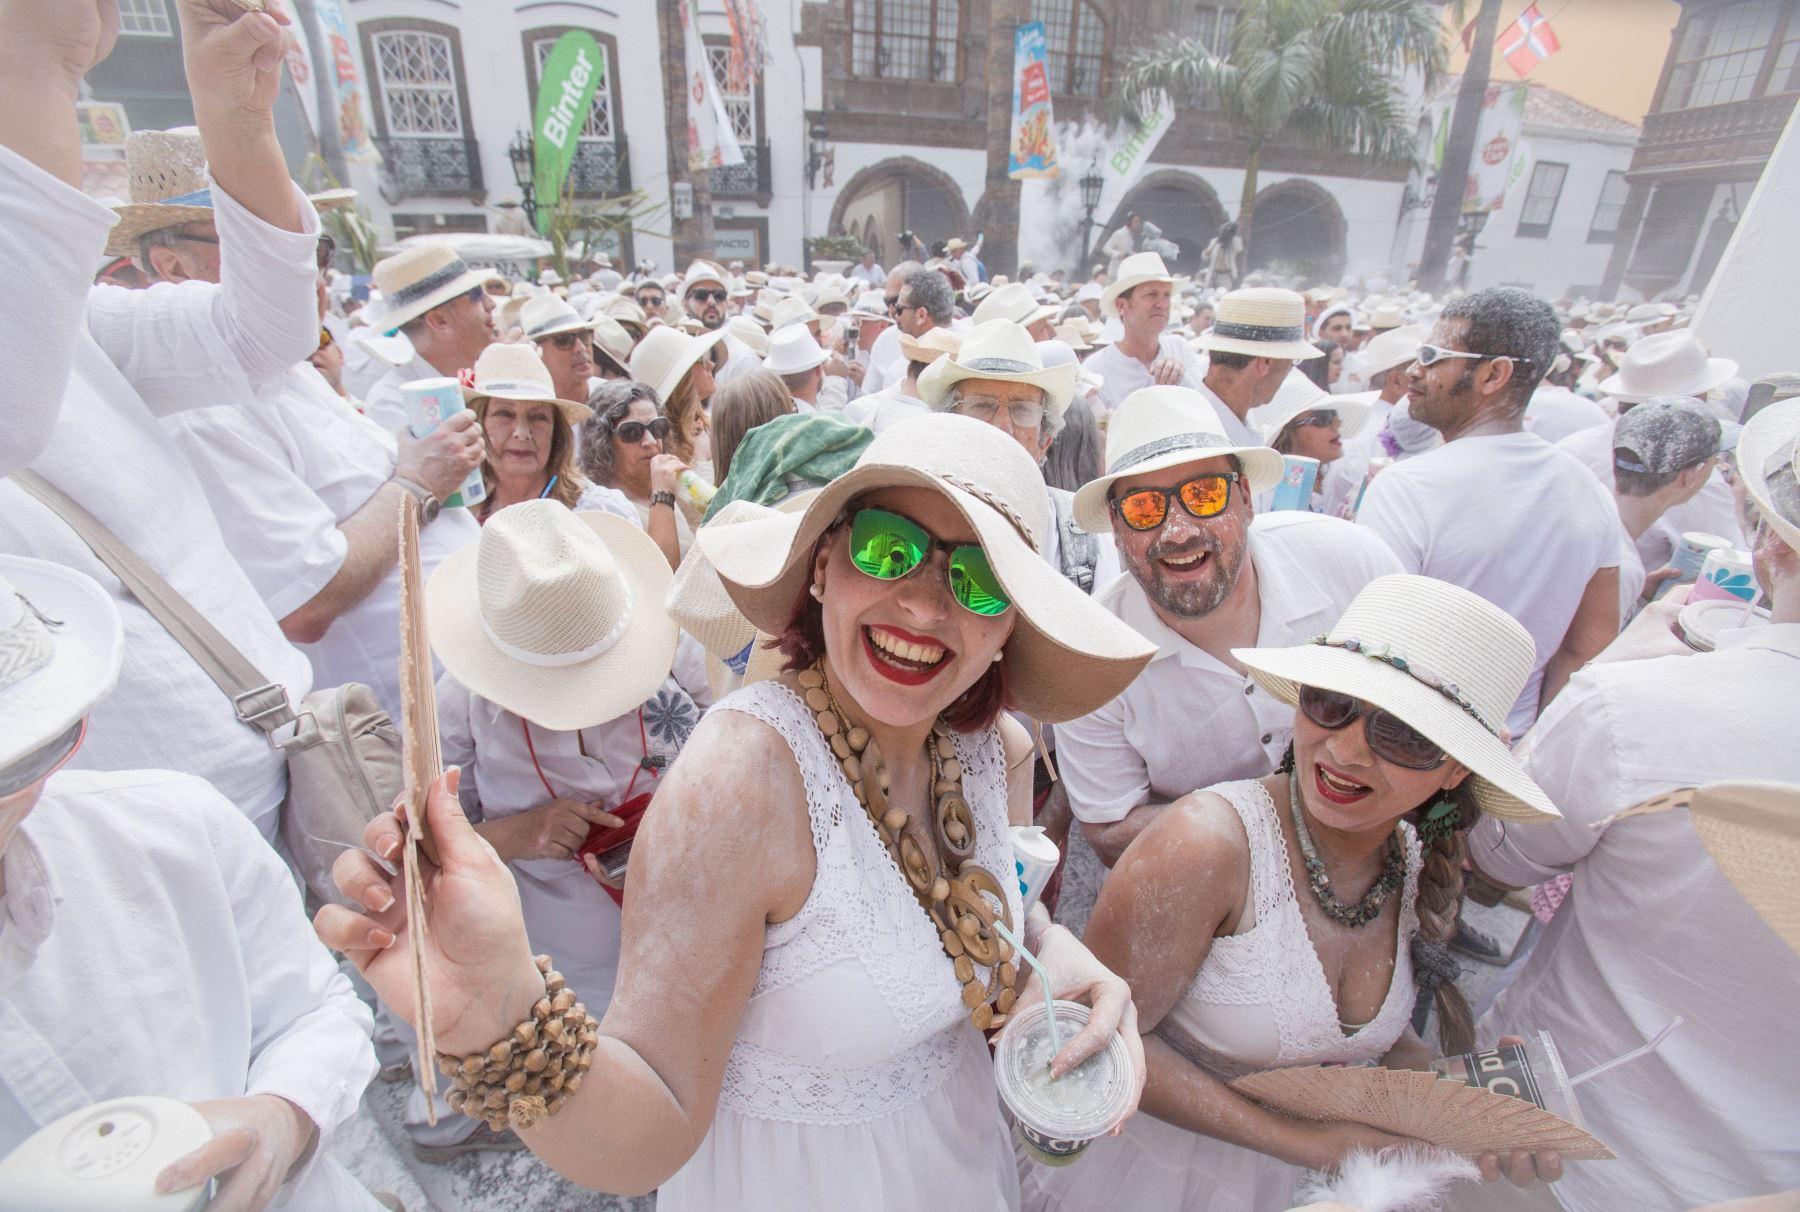 Carnaval de la calle